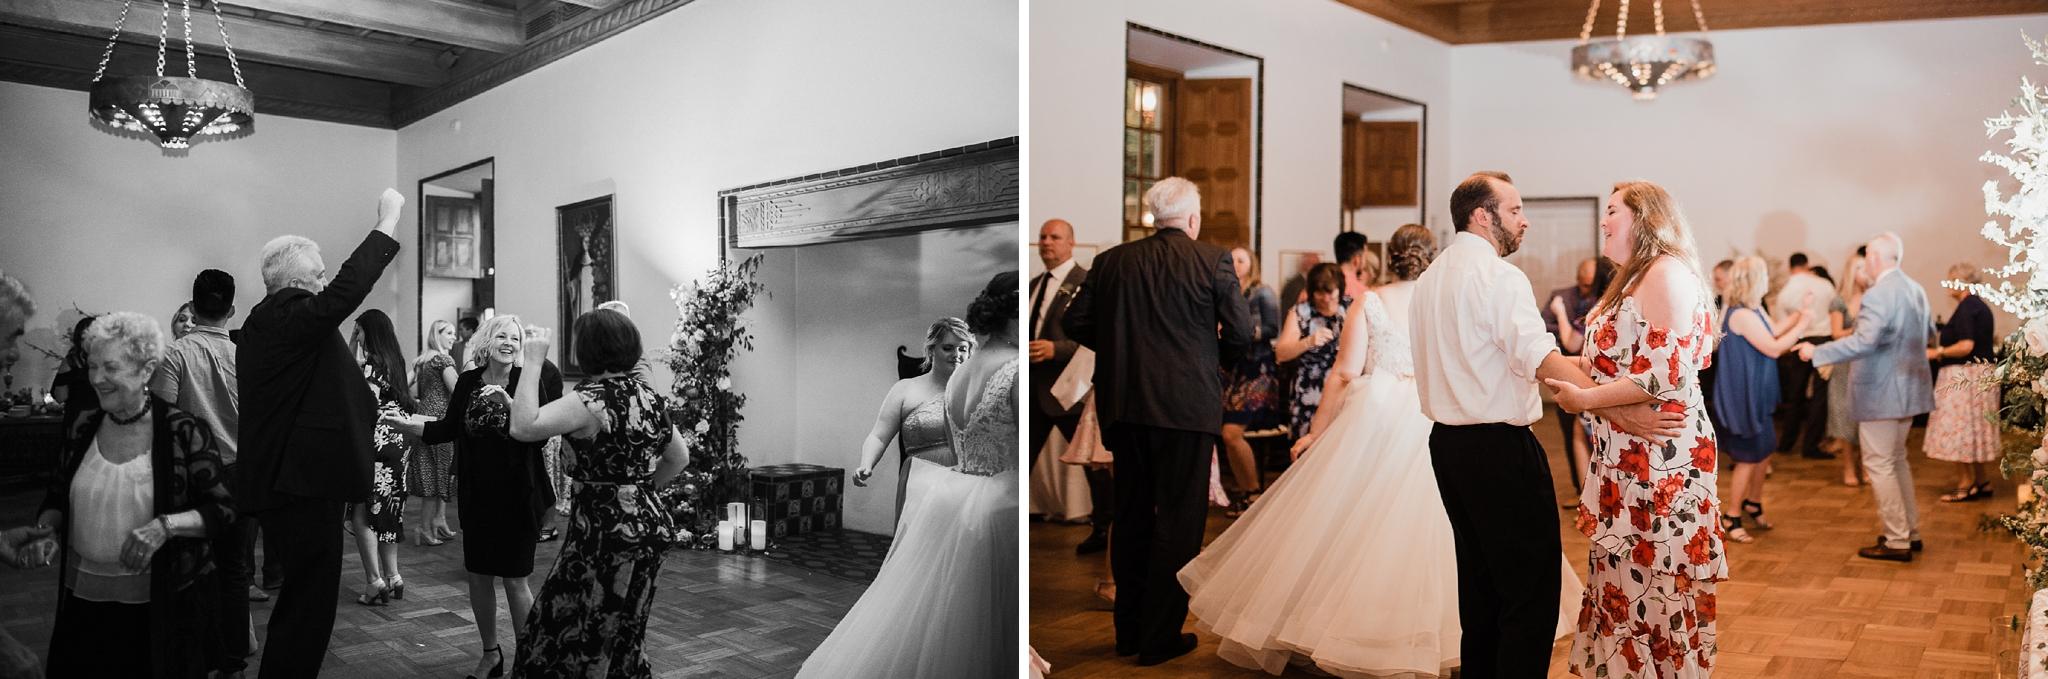 Alicia+lucia+photography+-+albuquerque+wedding+photographer+-+santa+fe+wedding+photography+-+new+mexico+wedding+photographer+-+new+mexico+wedding+-+summer+wedding+-+los+poblanos+wedding+-+albuquerque+wedding_0107.jpg